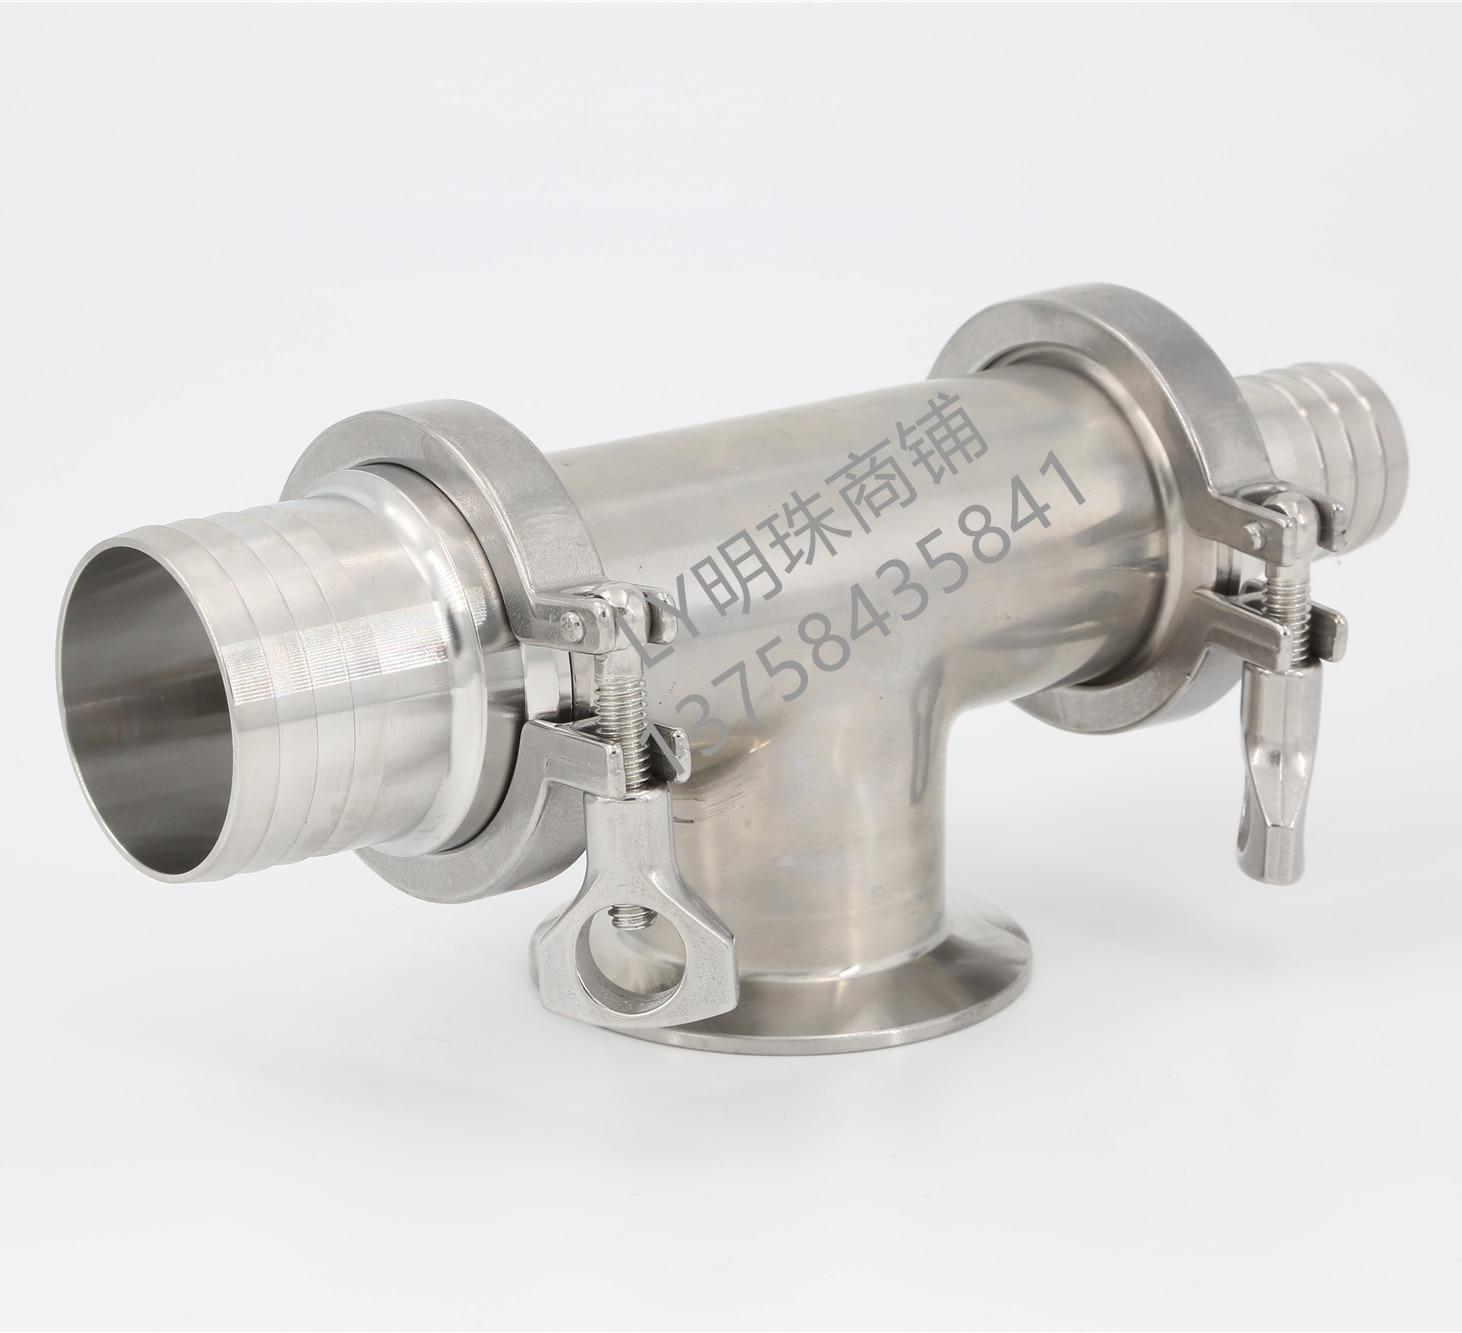 ماكينة حشو تعمل بالهواء المضغوط صمام أنبوب ثلاثي الاتجاه الفولاذ المقاوم للصدأ صمام الاختيار آلة مجهزة بصمامات مدخل ومخرج المياه